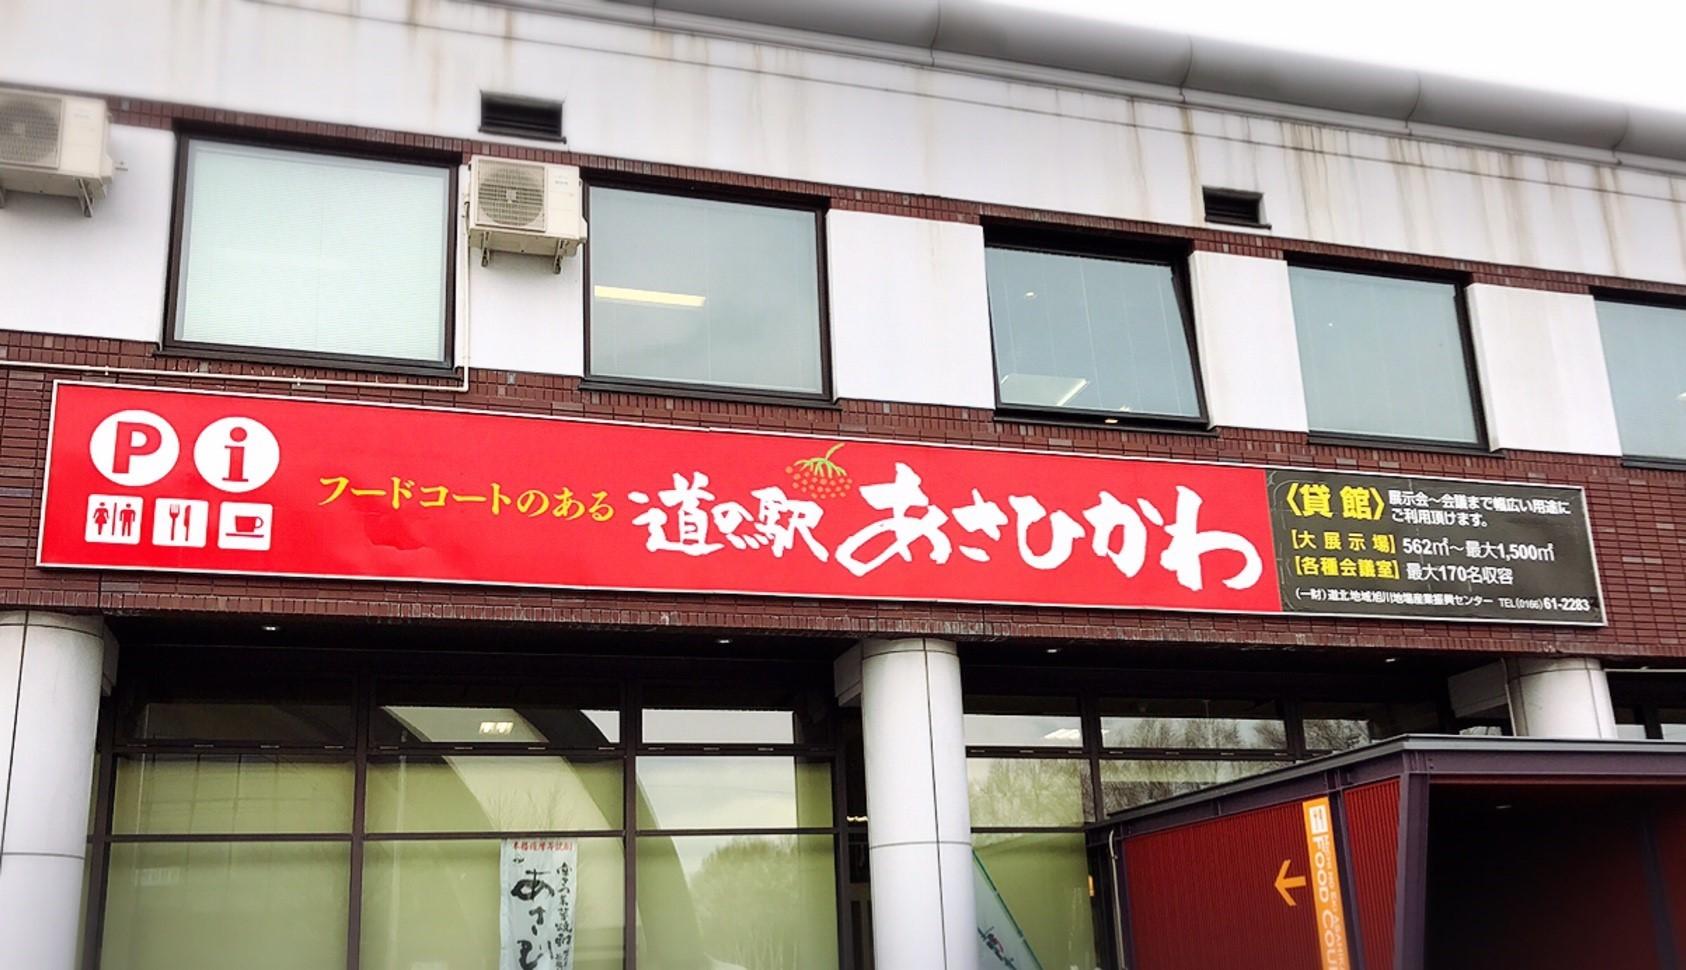 道の駅 あさひかわ/旭川市_c0378174_23170034.jpg